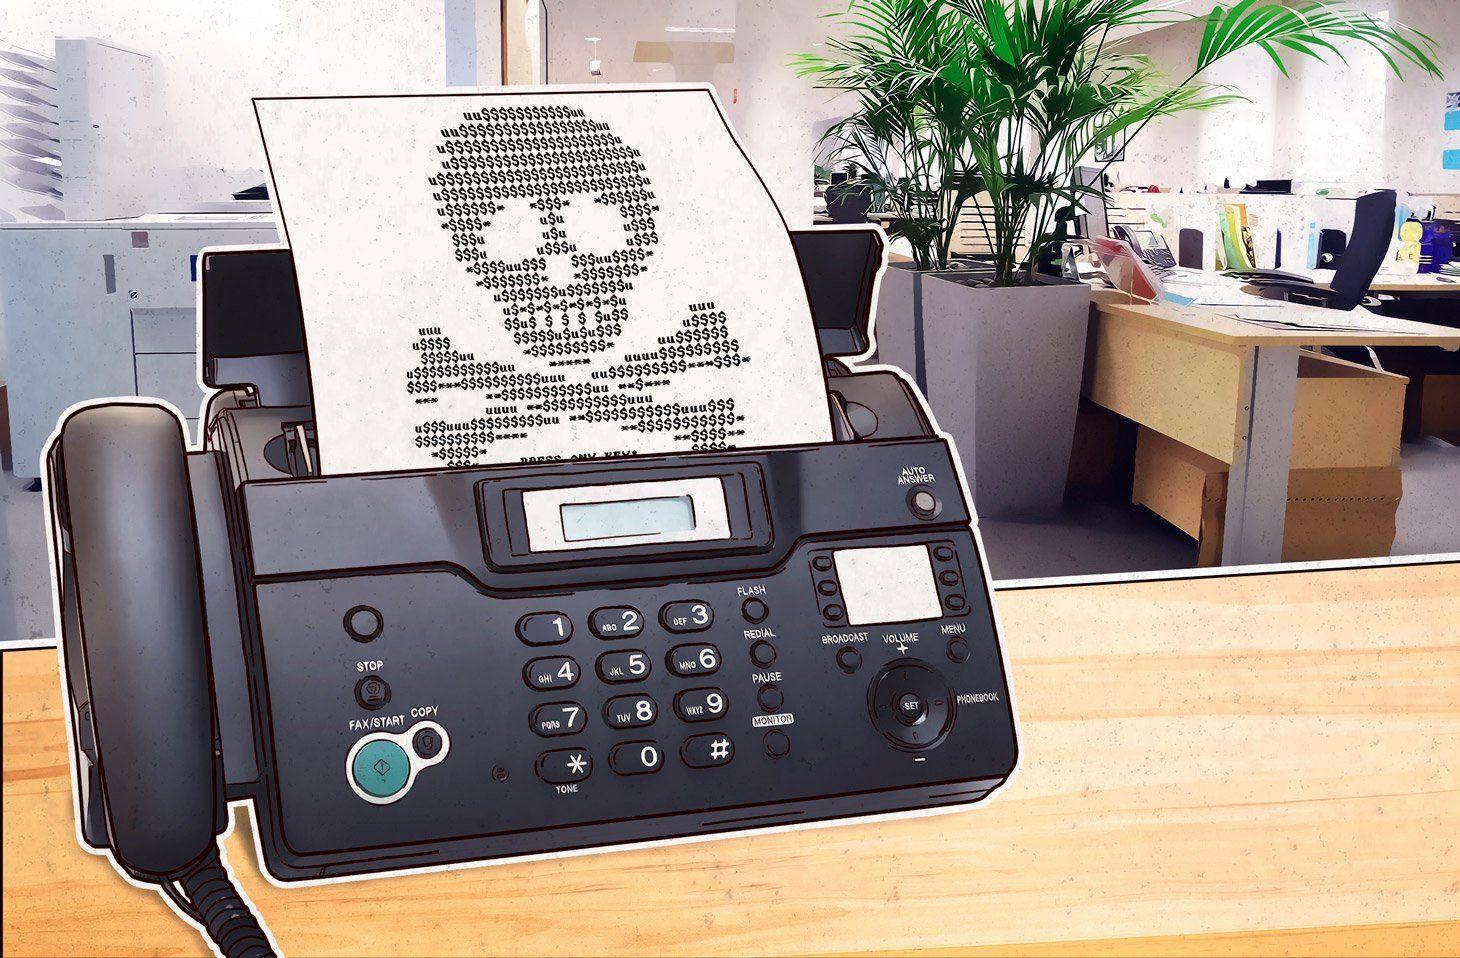 Faks hakkında 8 ilginç bilgi. Evet, faks!